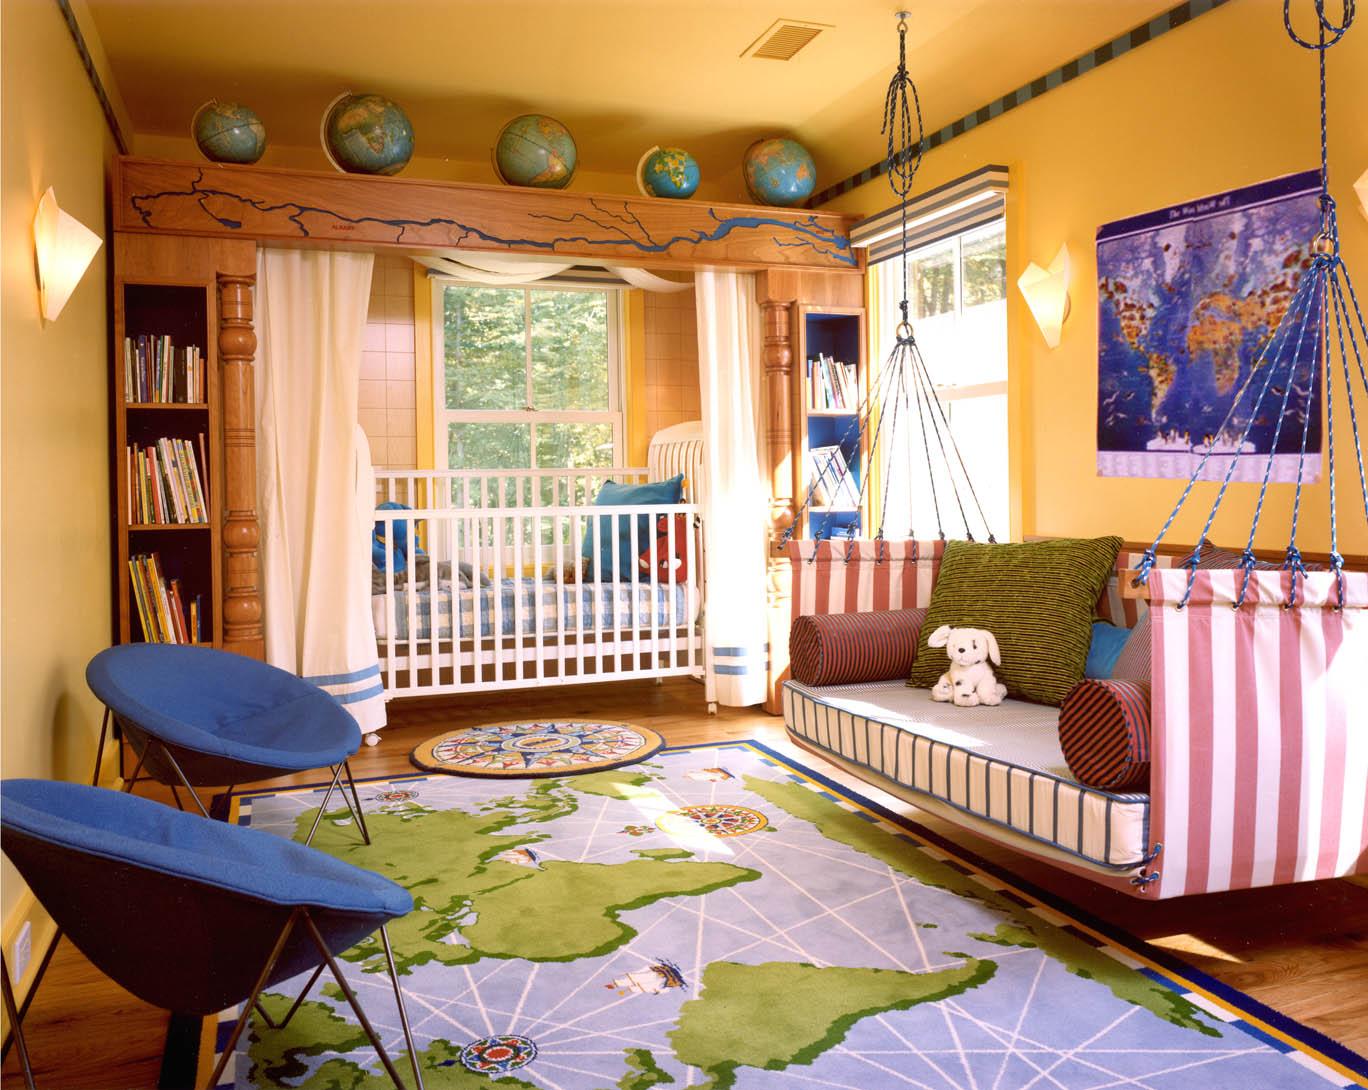 Desain kamar tidur cowok | Kamar Tidur Terbaru 2014